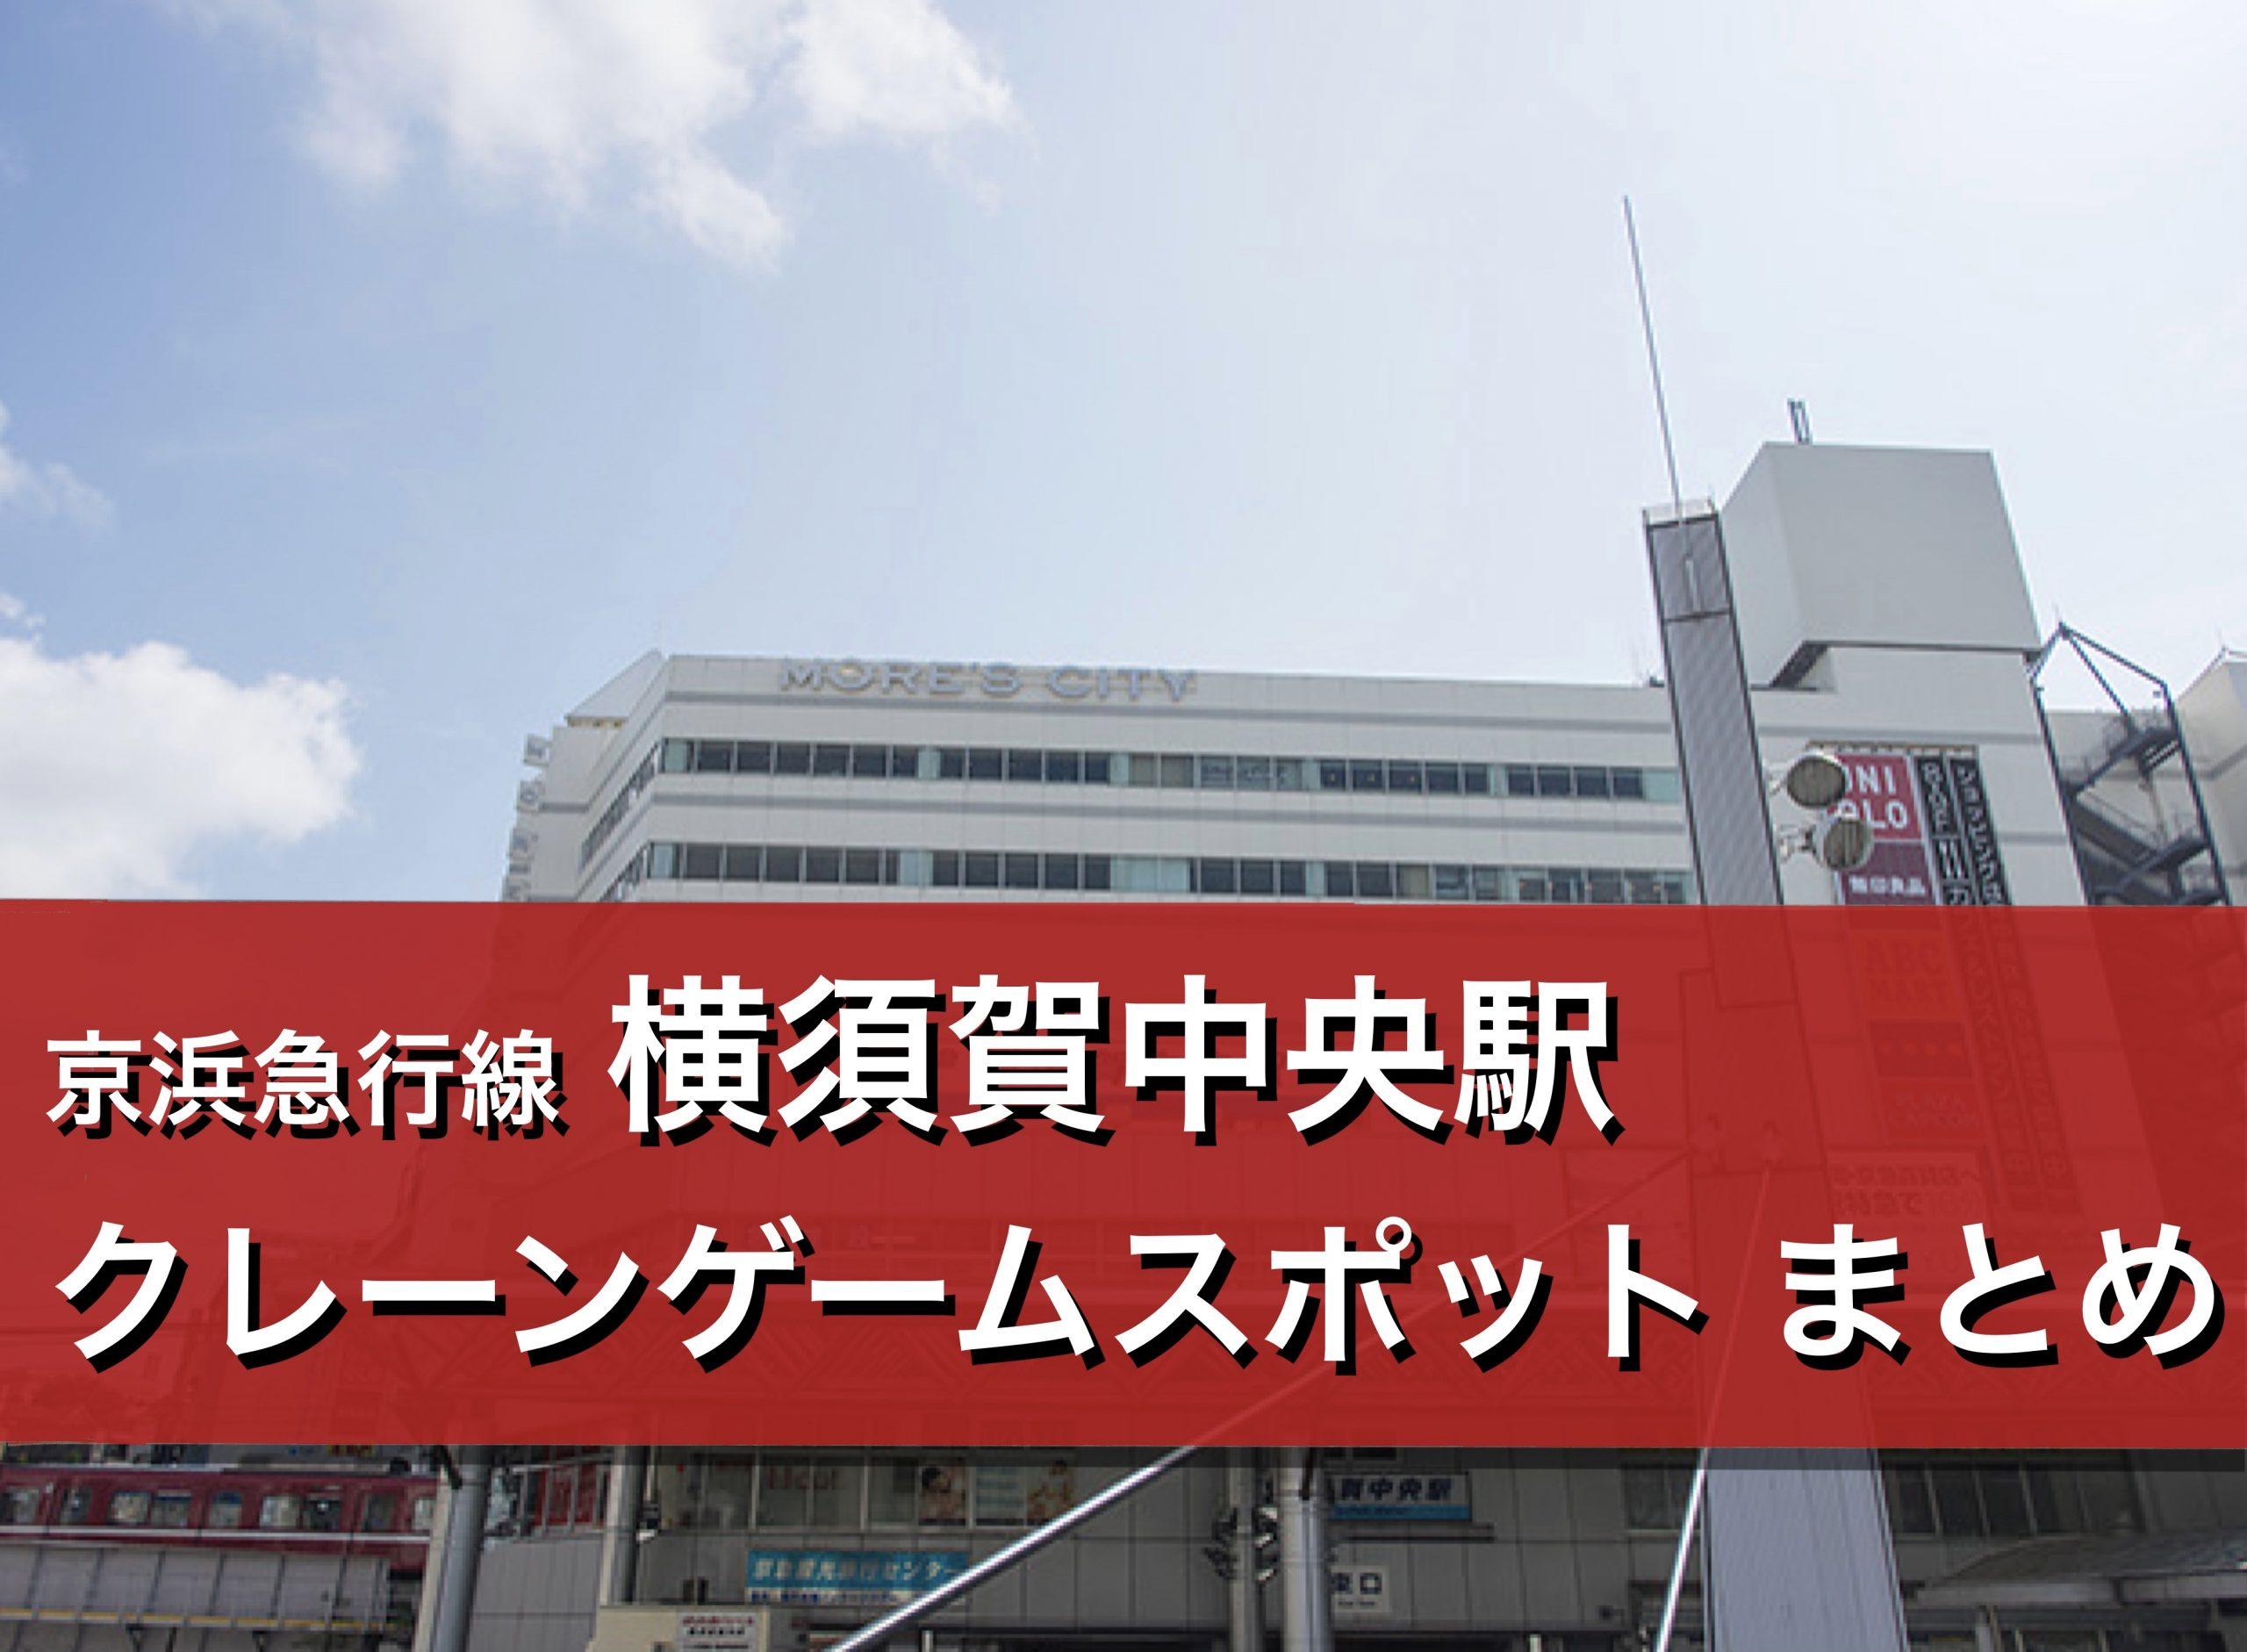 【横須賀中央駅】クレーンゲームができる場所